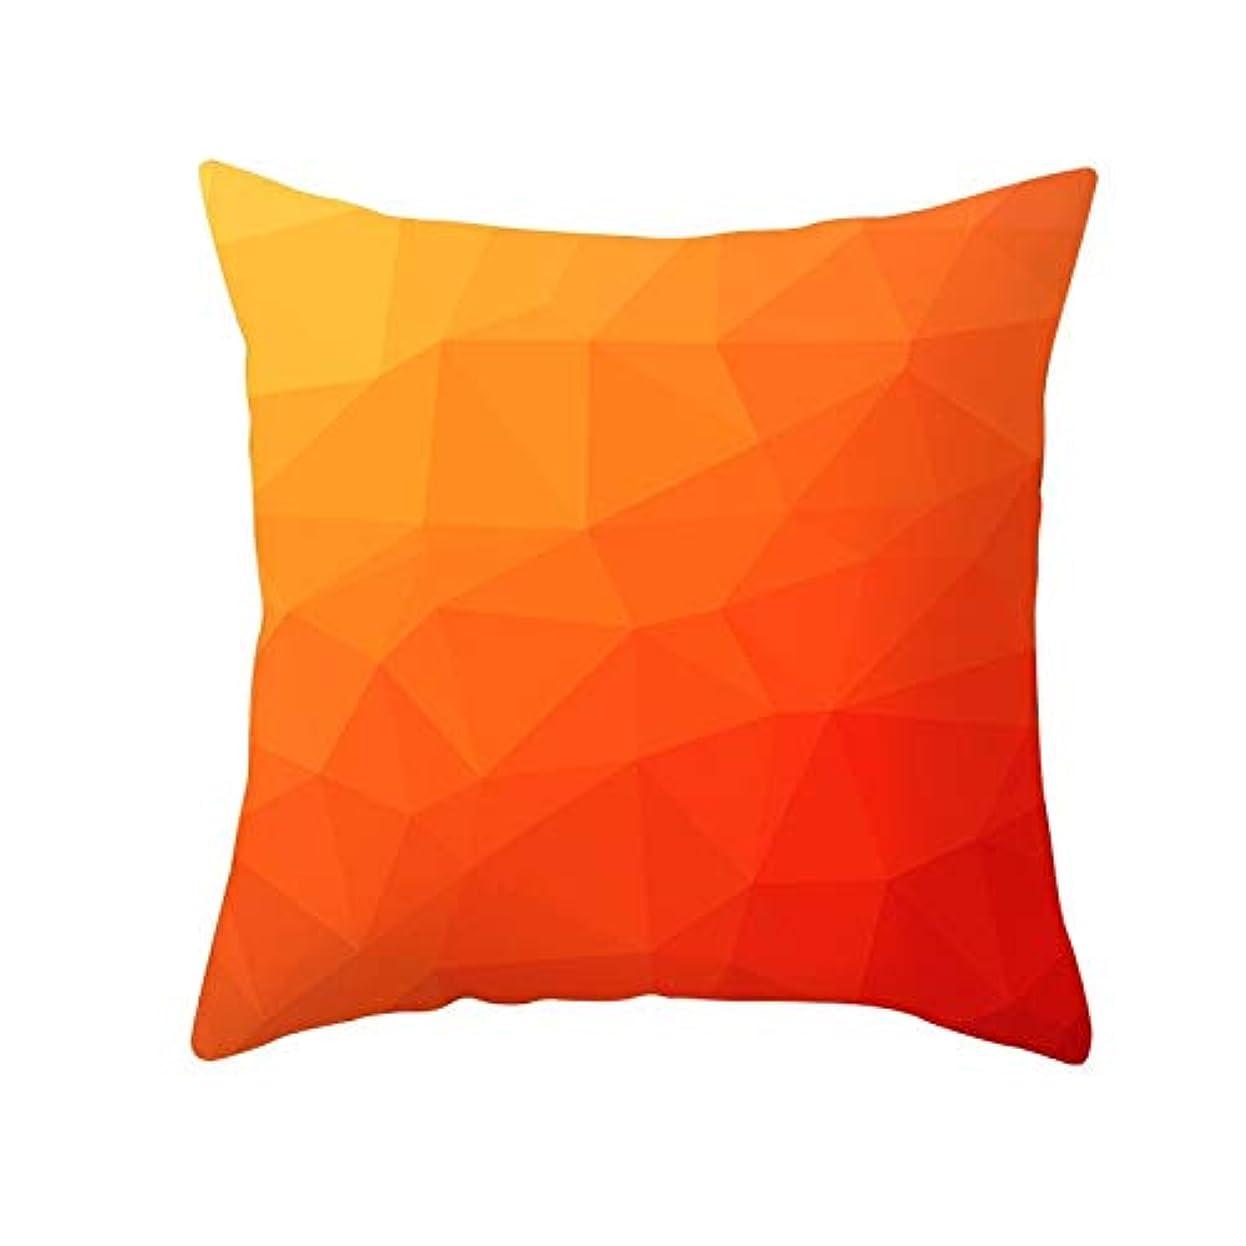 ドラゴン愛ワゴンLIFE 装飾クッションソファ 幾何学プリントポリエステル正方形の枕ソファスロークッション家の装飾 coussin デ長椅子 クッション 椅子